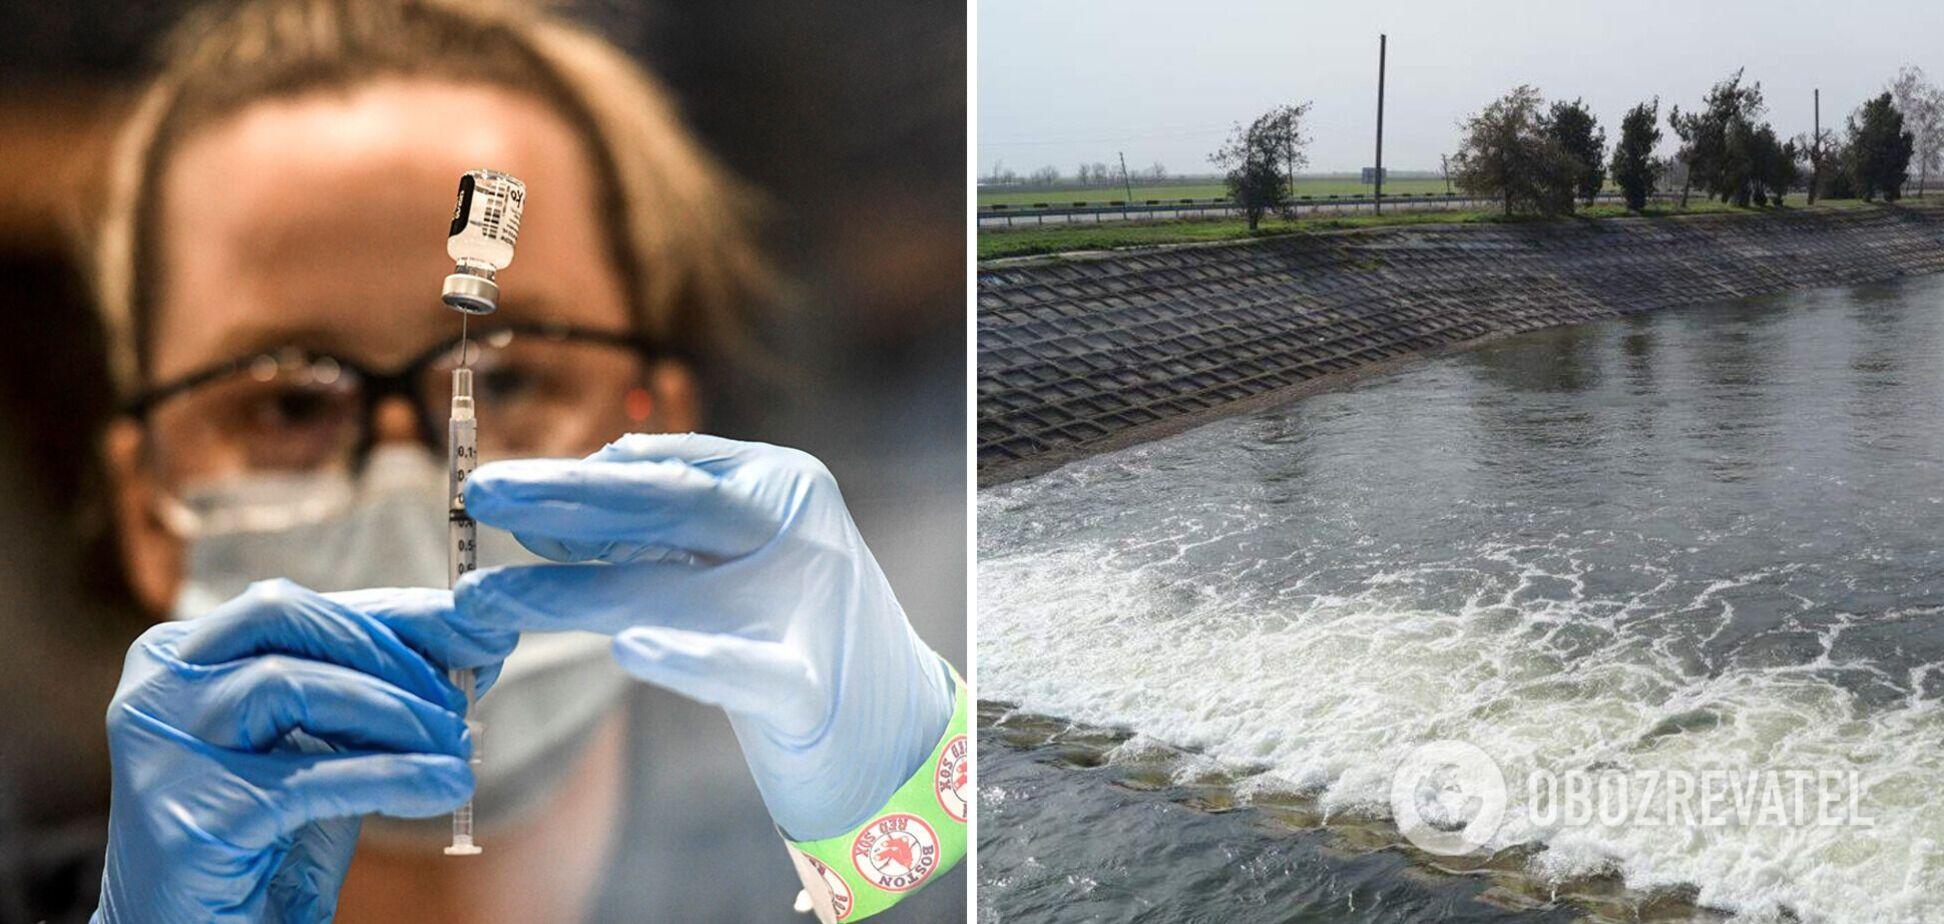 Новини України: США нададуть вакцини від коронавірусу, а в Криму відмовилися від води з материка